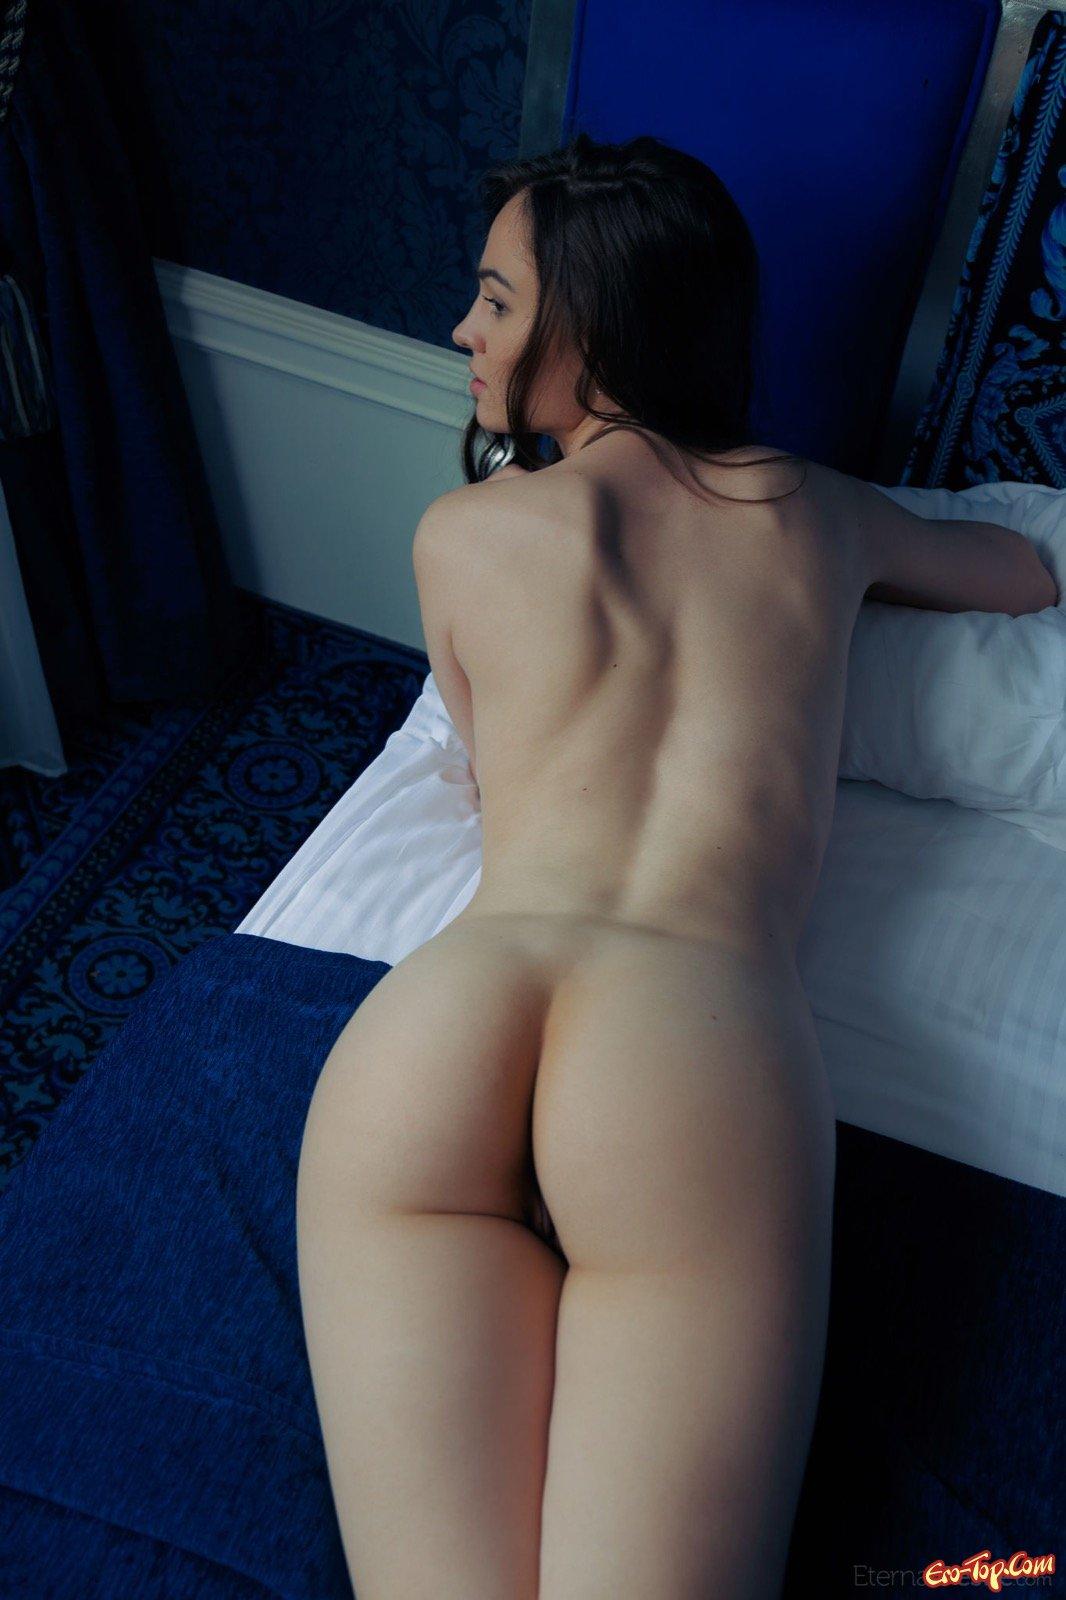 Голая брюнетка с упругой задницей в постели